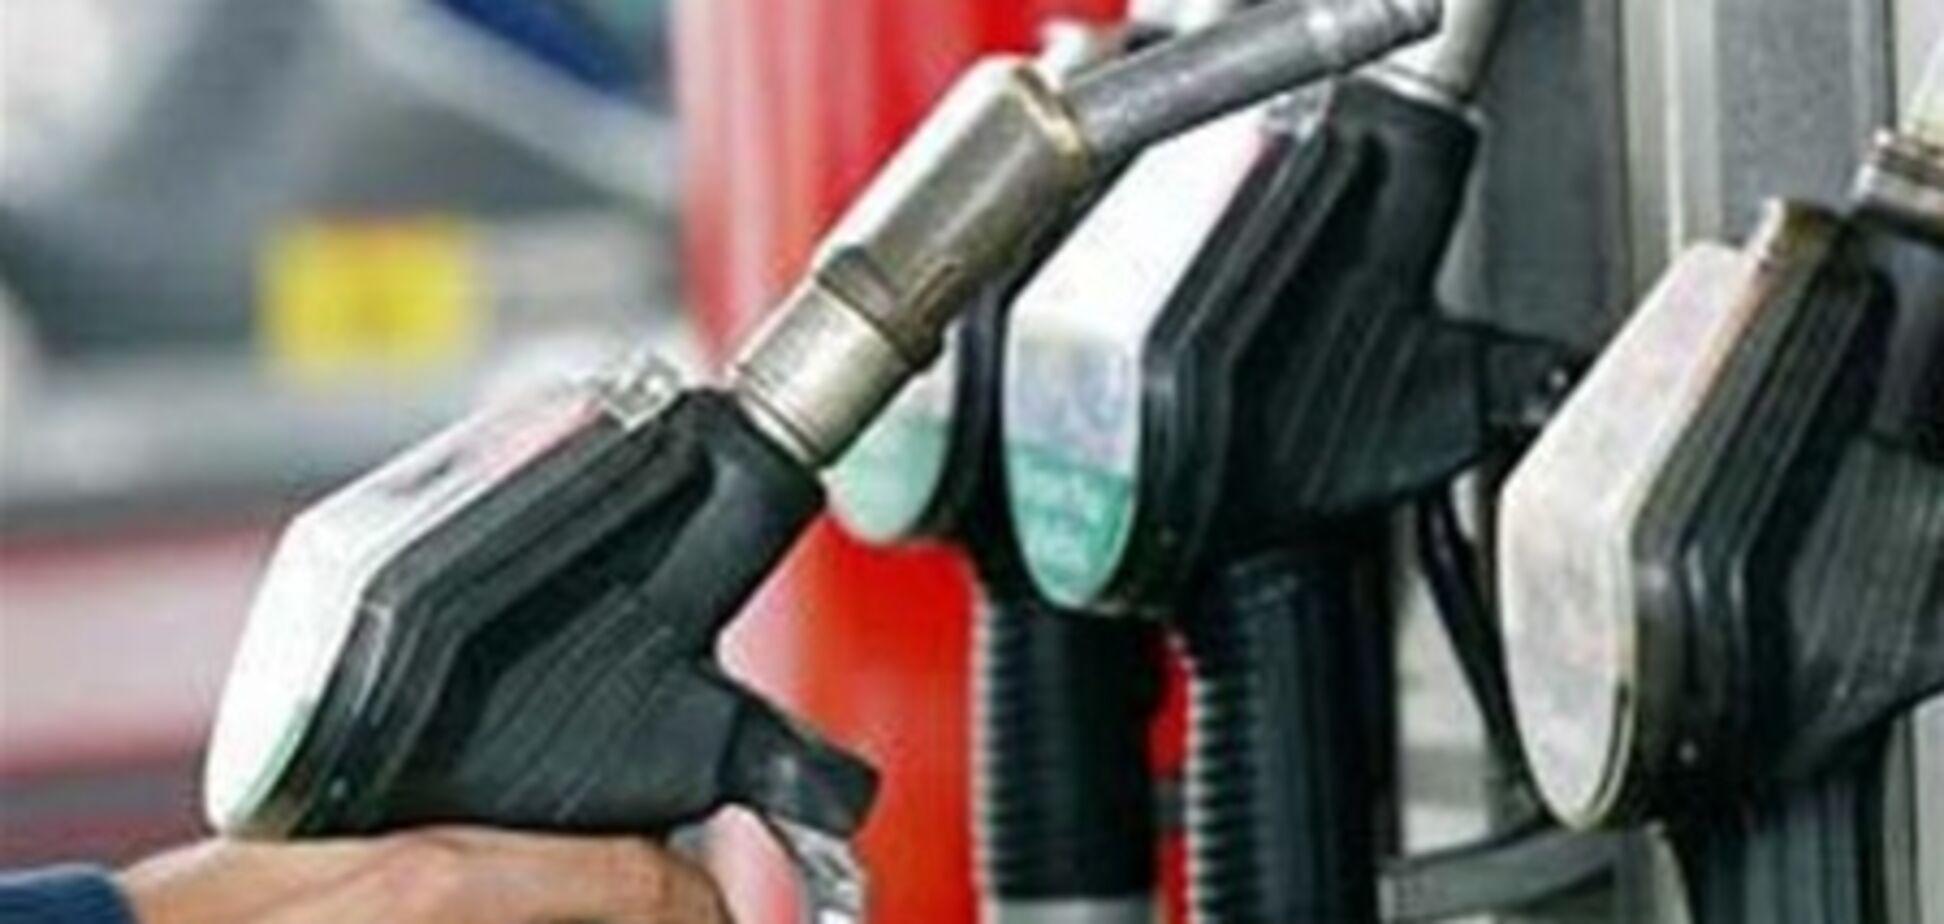 Цены на топливо в Калифорнии достигли рекордного уровня